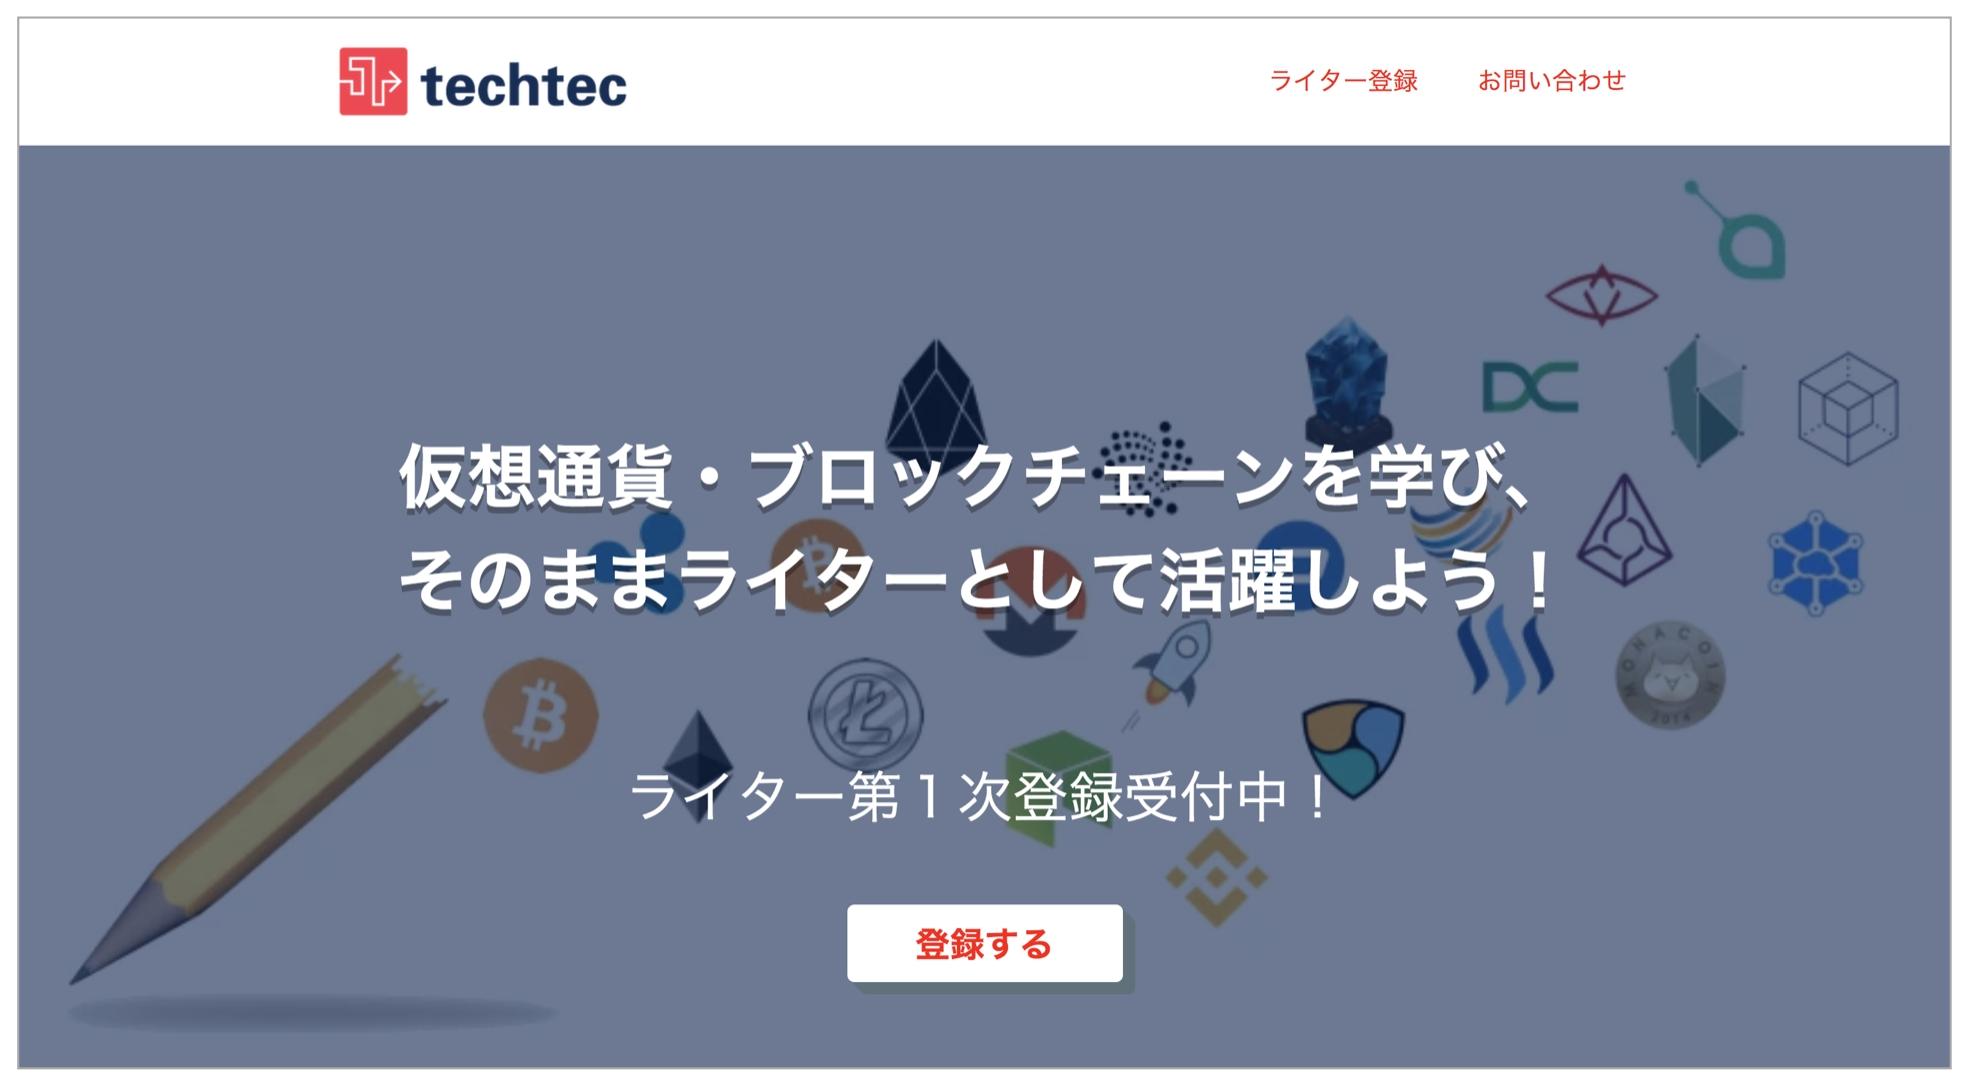 仮想通貨・ブロックチェーン業界に特化したライター登録サービスが登場!「techtec」が第一次ライターの無料登録受付をスタート。学習プログラムも同時提供 #仮想通貨ライター